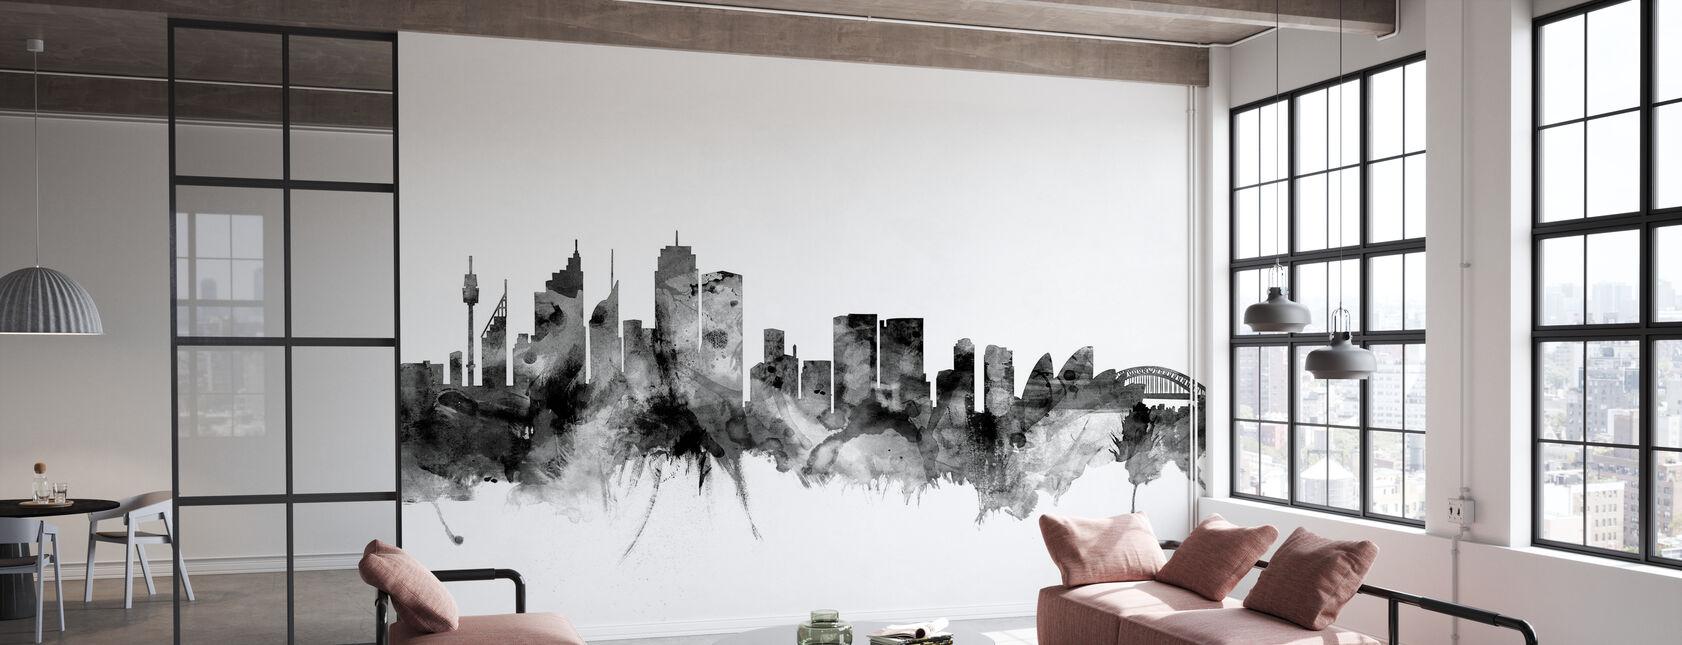 Sydney Australia Skyline - Tapetti - Toimisto